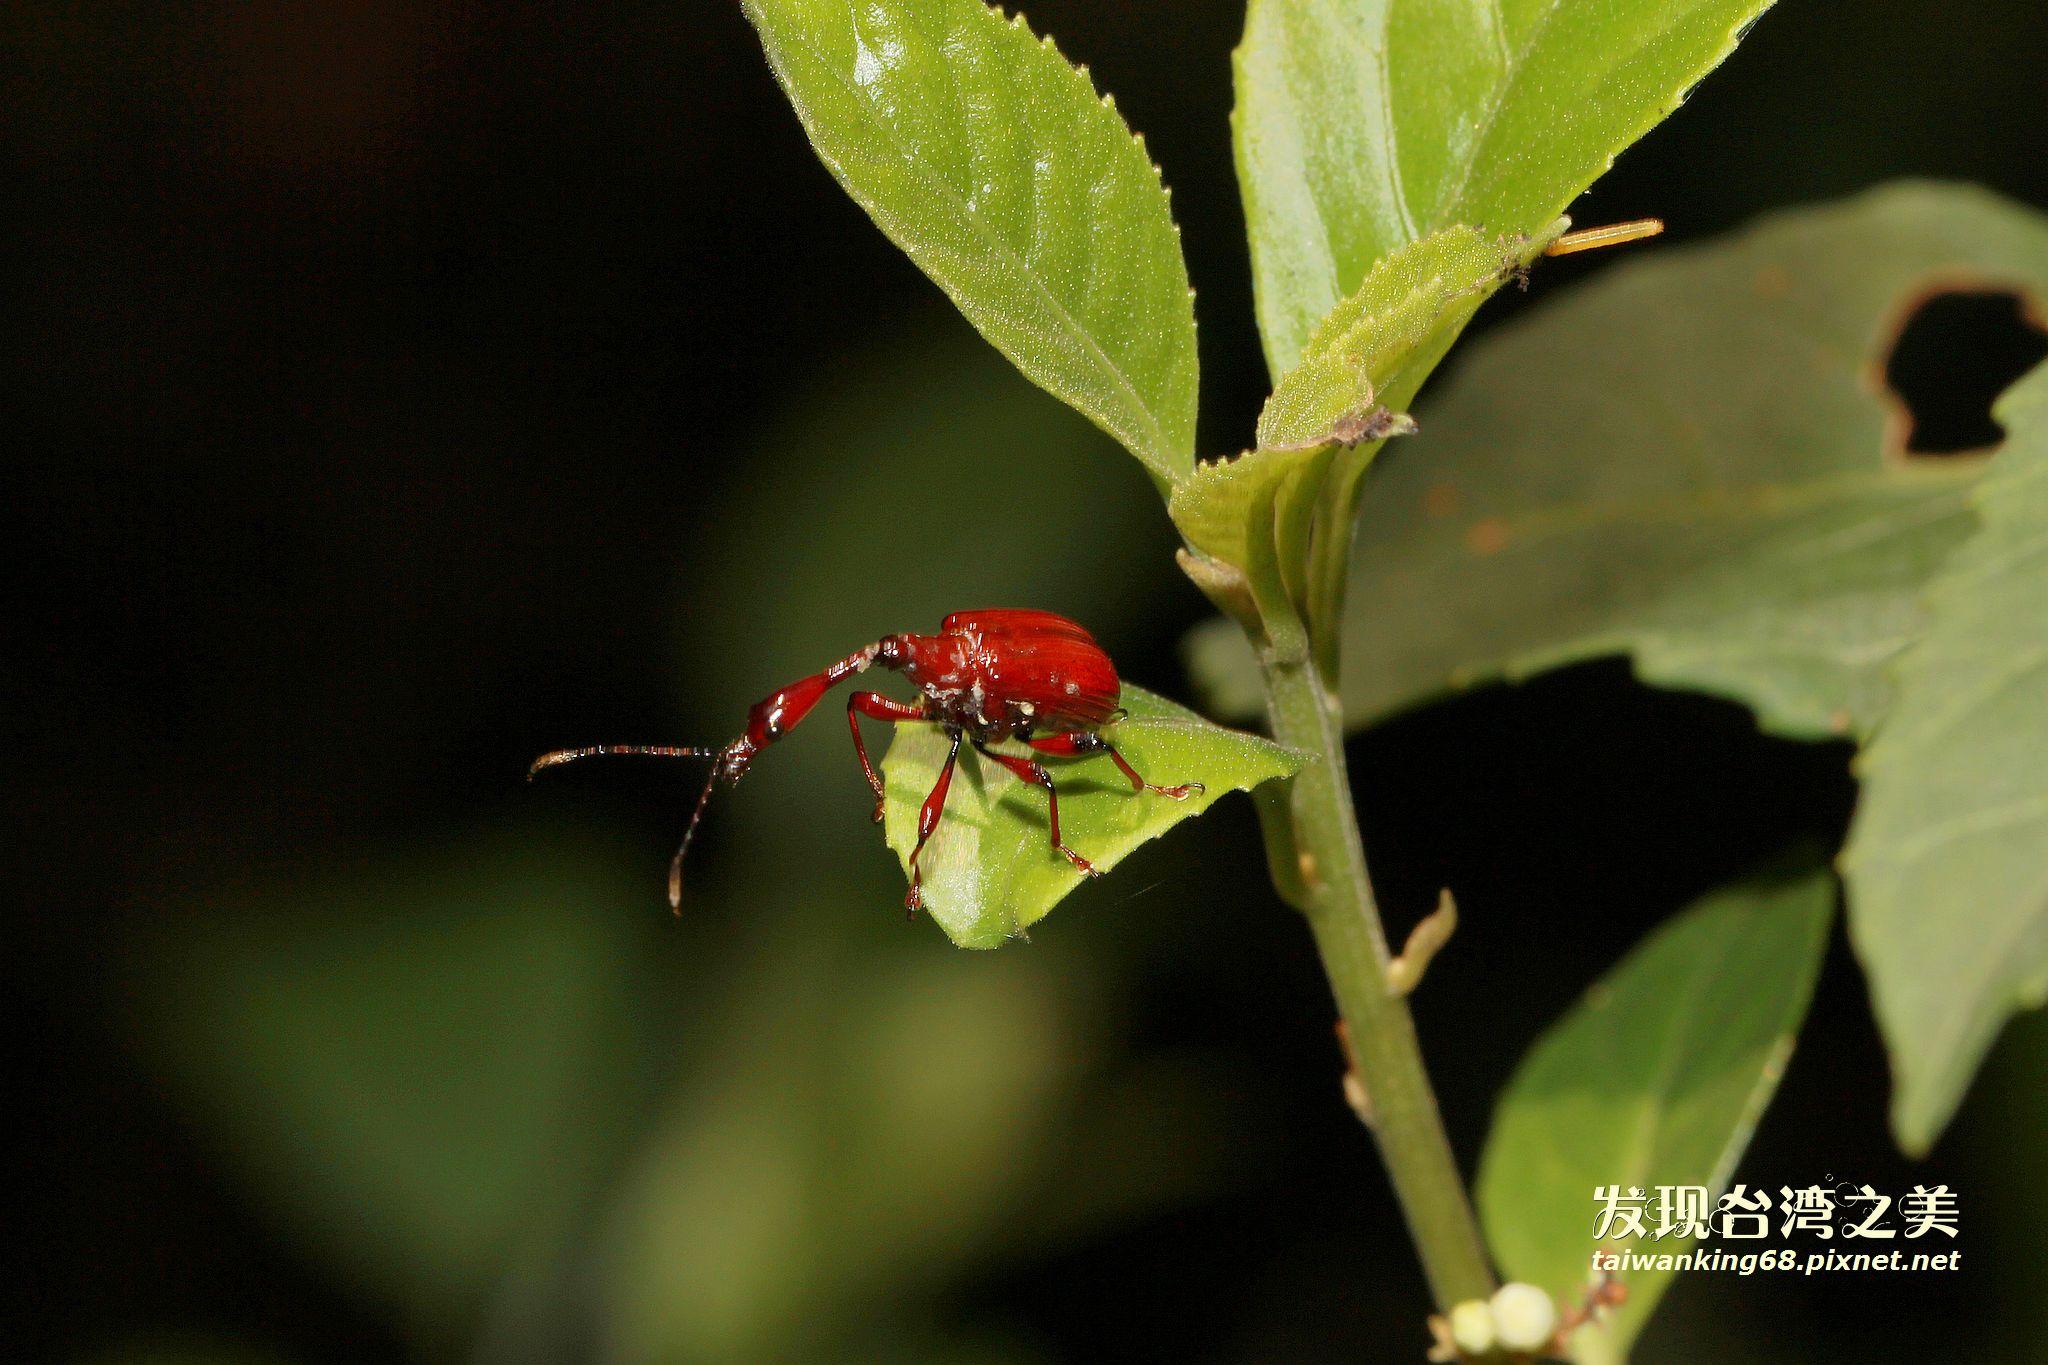 棕長頸捲葉象鼻蟲 (雄蟲)